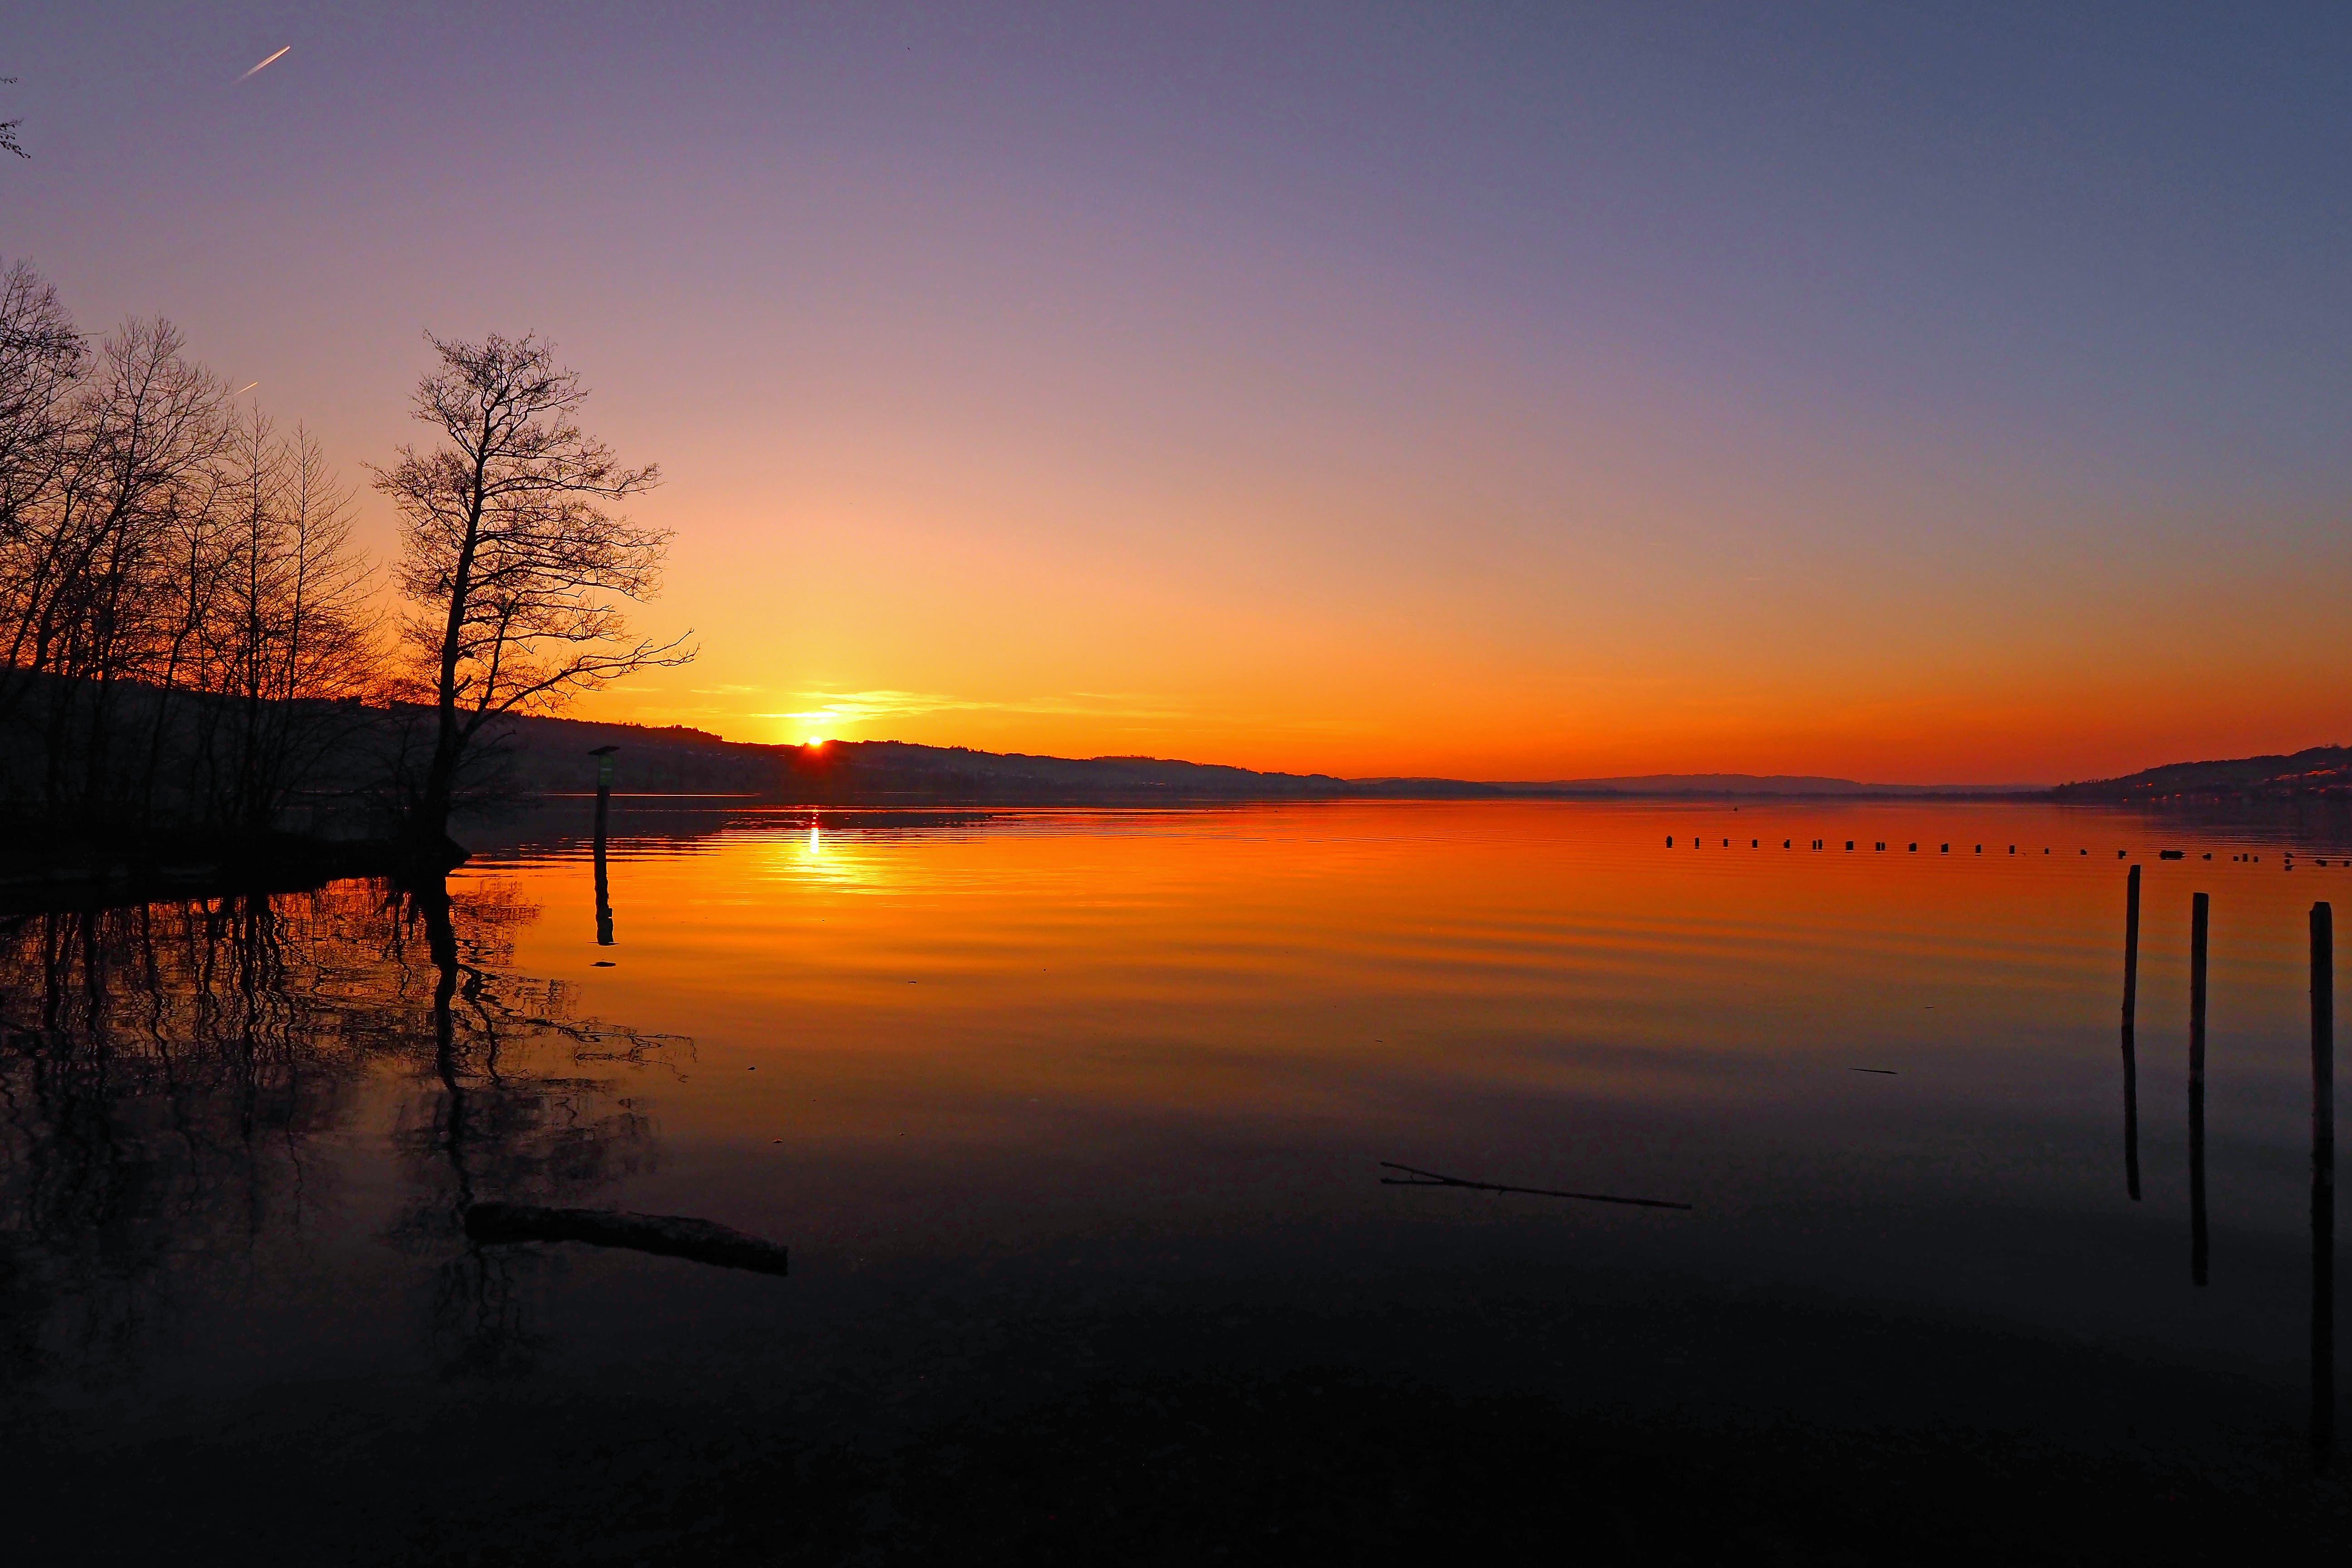 Sonnenuntergang am Sempachersee nach einem prächtigen Tag. (Bild: Marianne Schmid, Sempach, 30. März 2019)